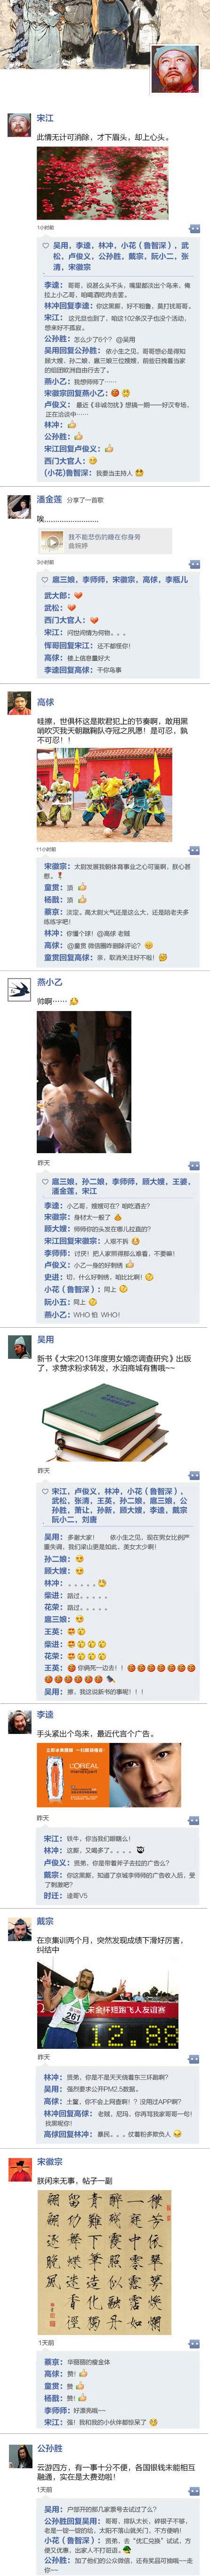 中国四大名著之假如水浒传有微信朋友圈...